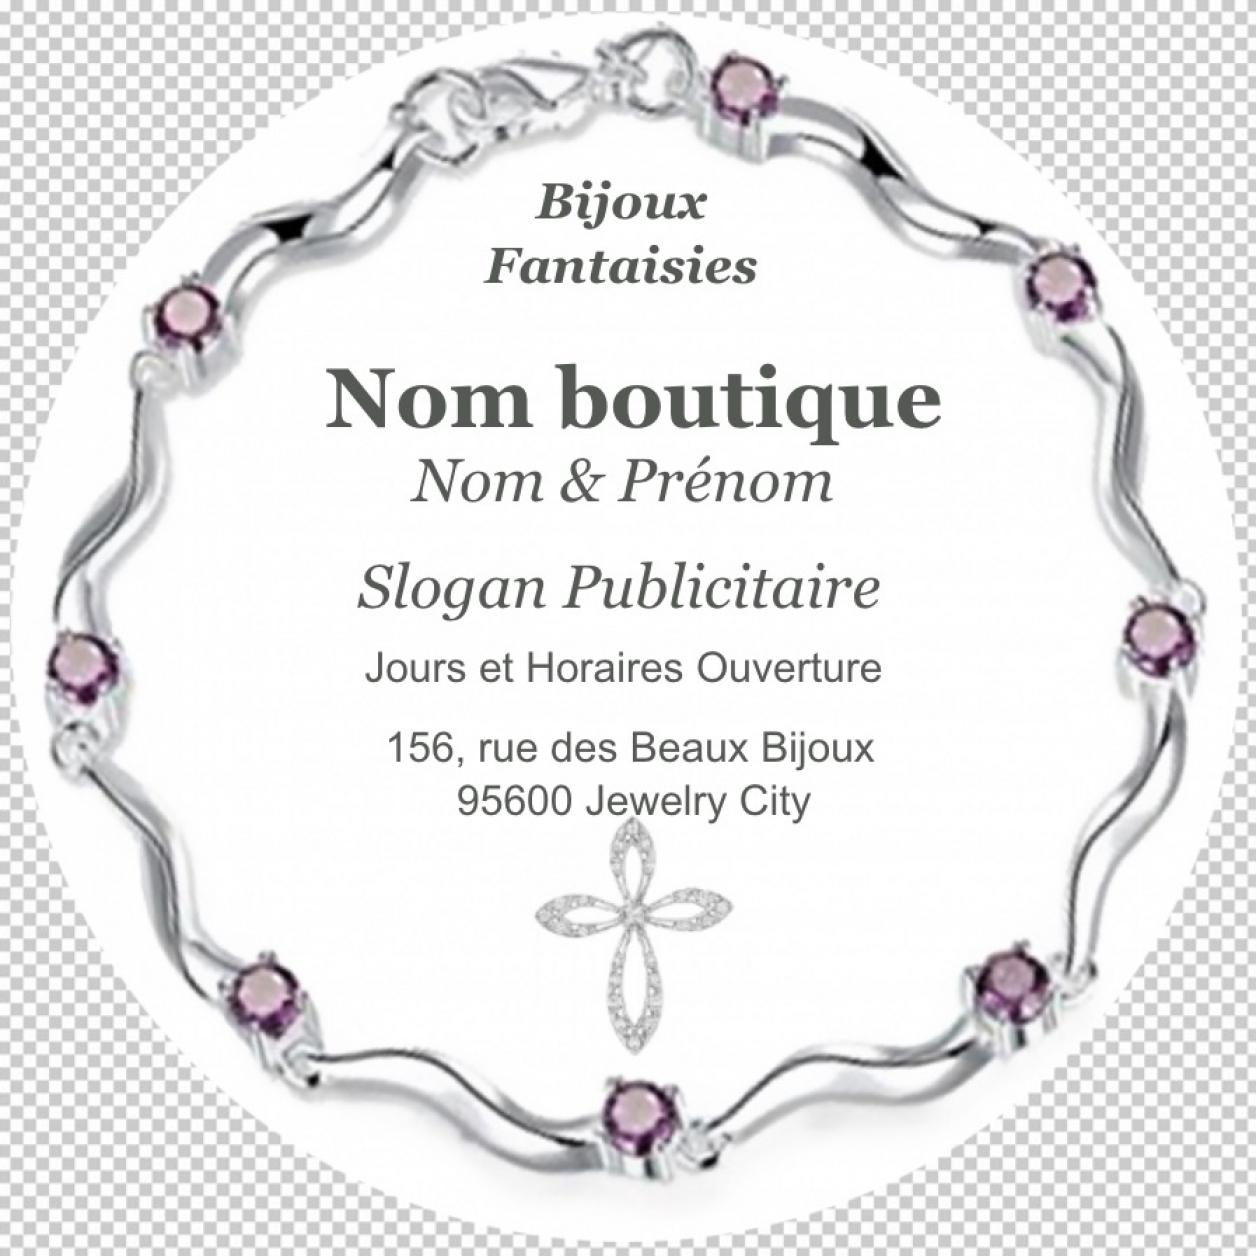 Vente Bijoux Fantaisie Bijouterie Carte De Visite Ronde Avec Dcoupe Personnalise Modle Original Et Professionnel